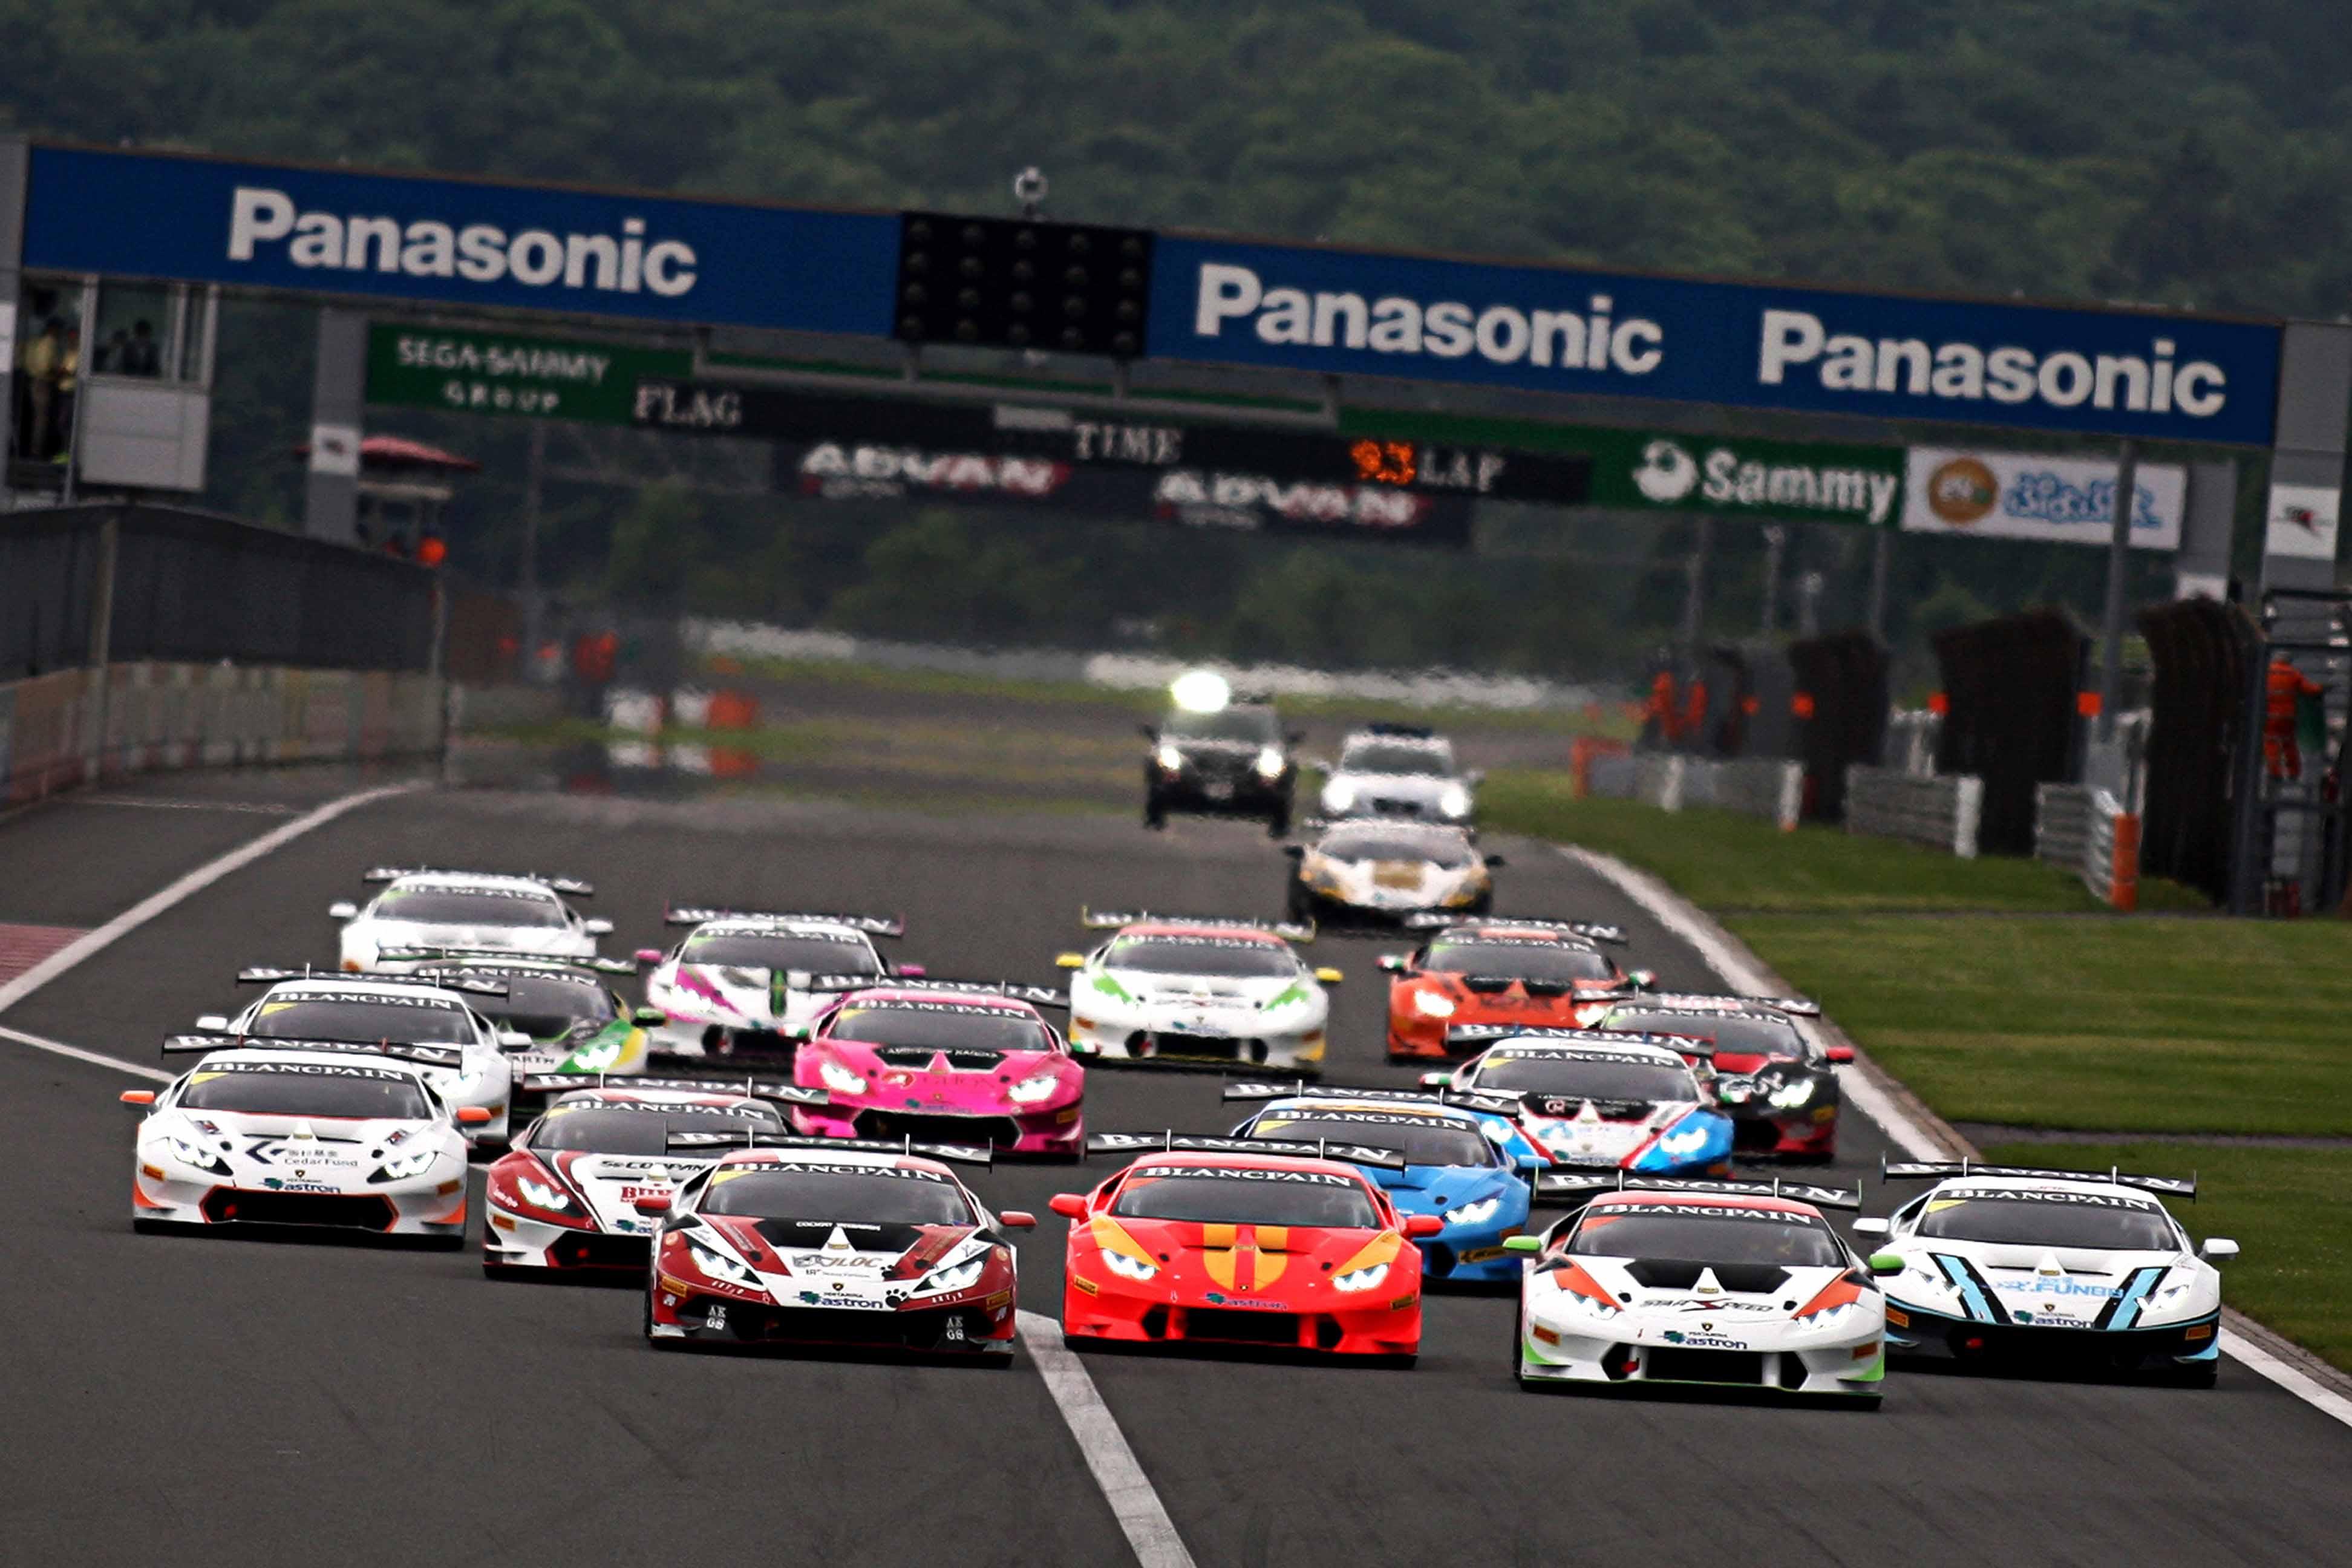 Finale Mondiale Lamborghini a Sebring